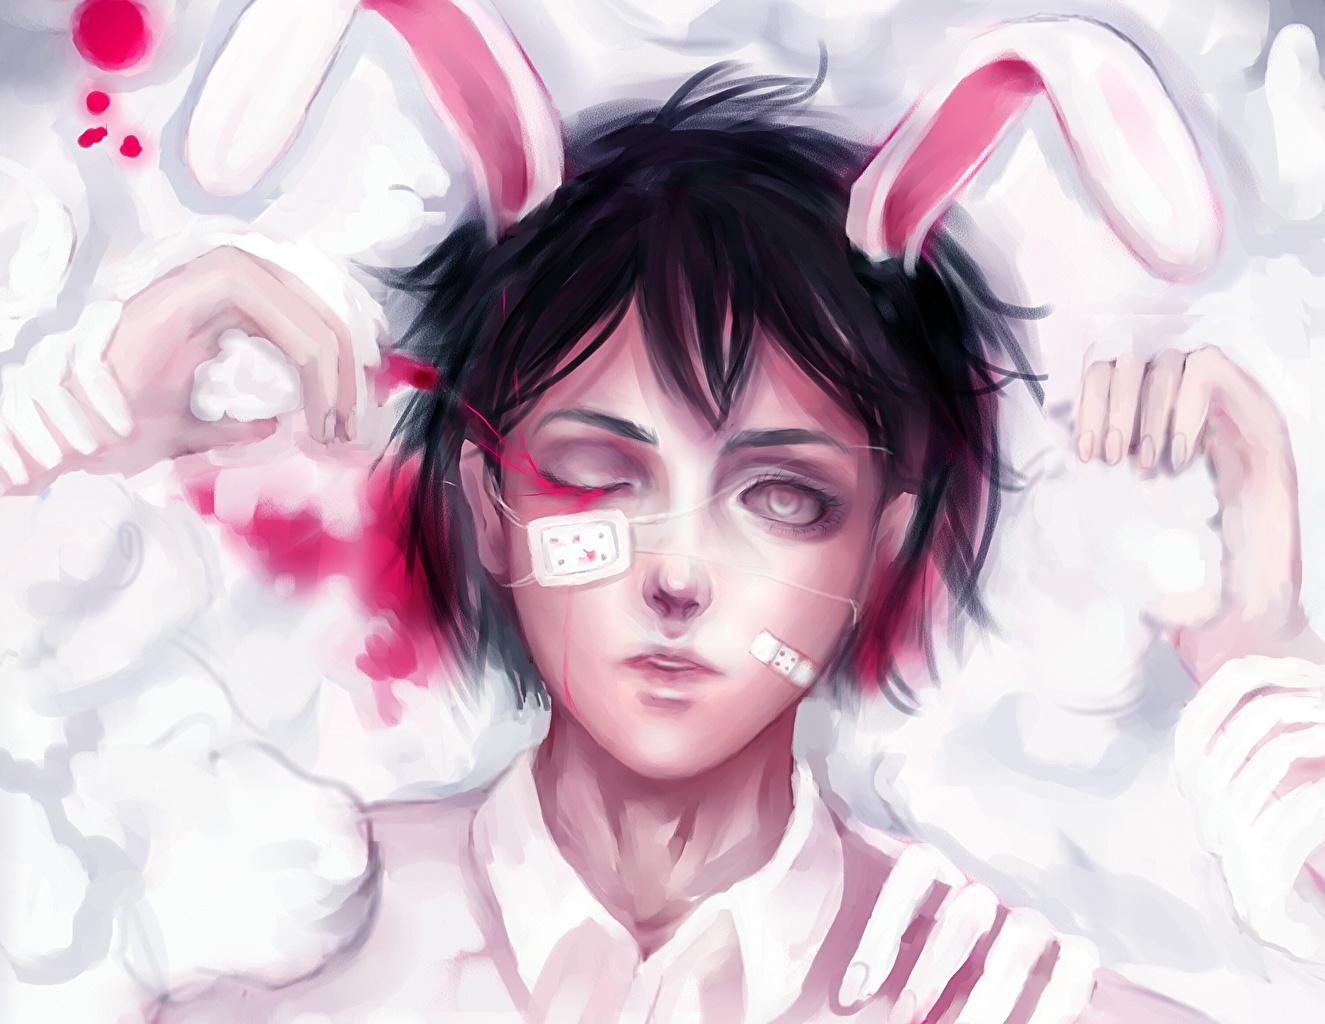 壁紙 描かれた壁紙 バニーガール アイパッチ 血 ウサギの耳